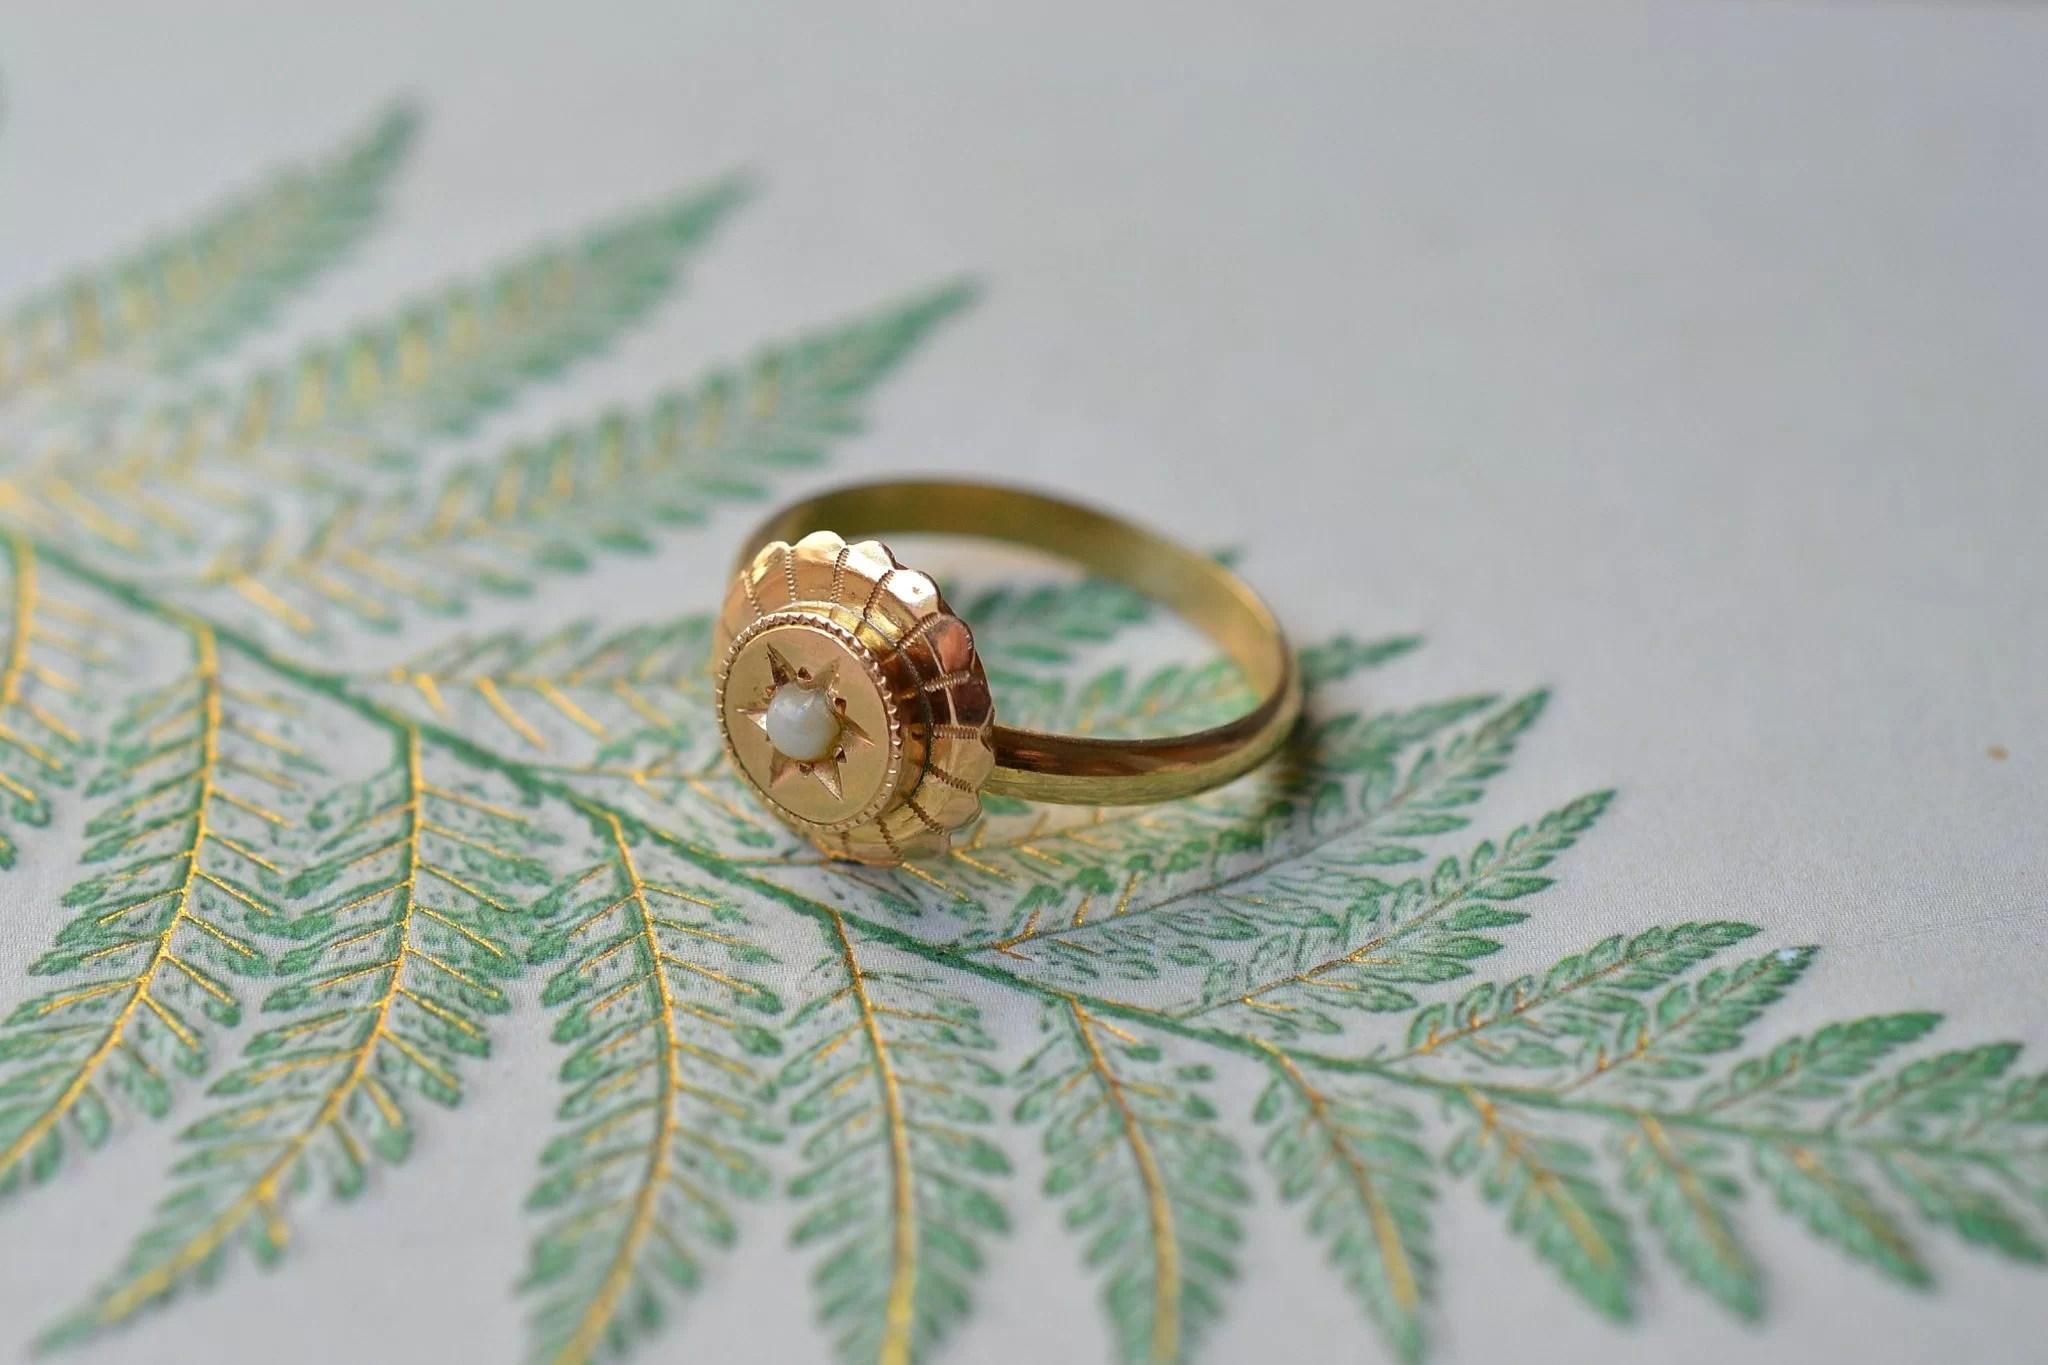 Bague monture en Or jaune, au plateau circulaire ciselé et ornée d_une demi-perle de culture - bague éthique et éco-responsable